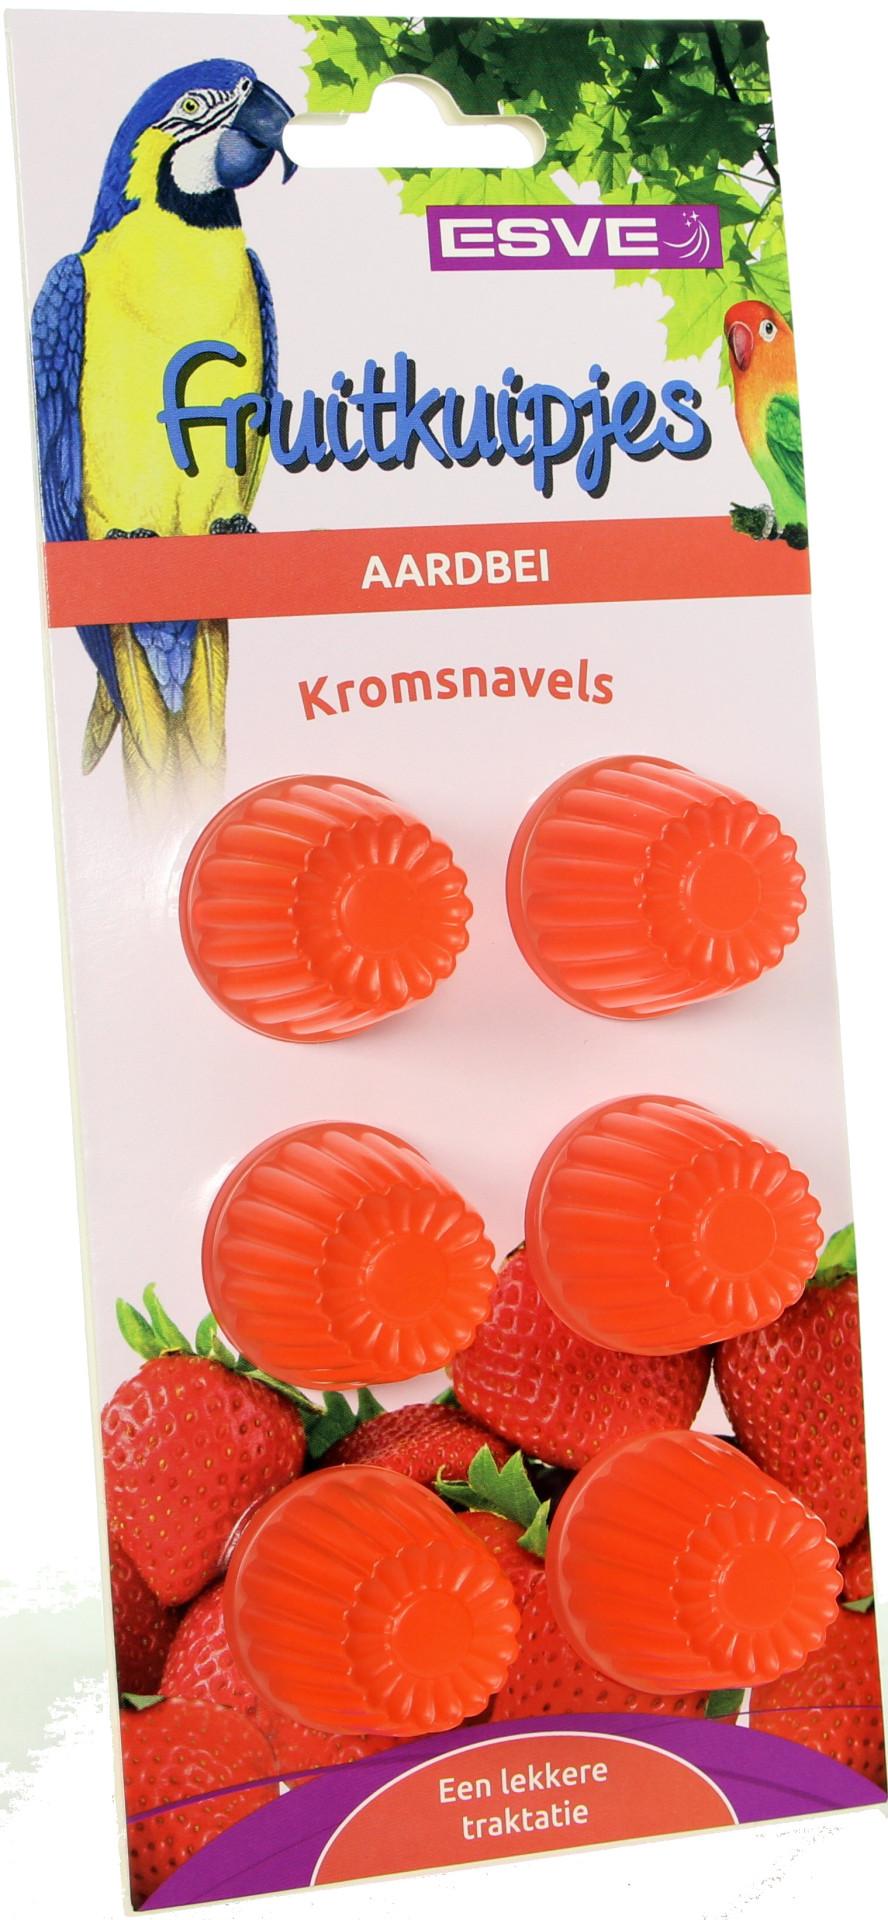 ESVE fruitkuipjes Aardbei